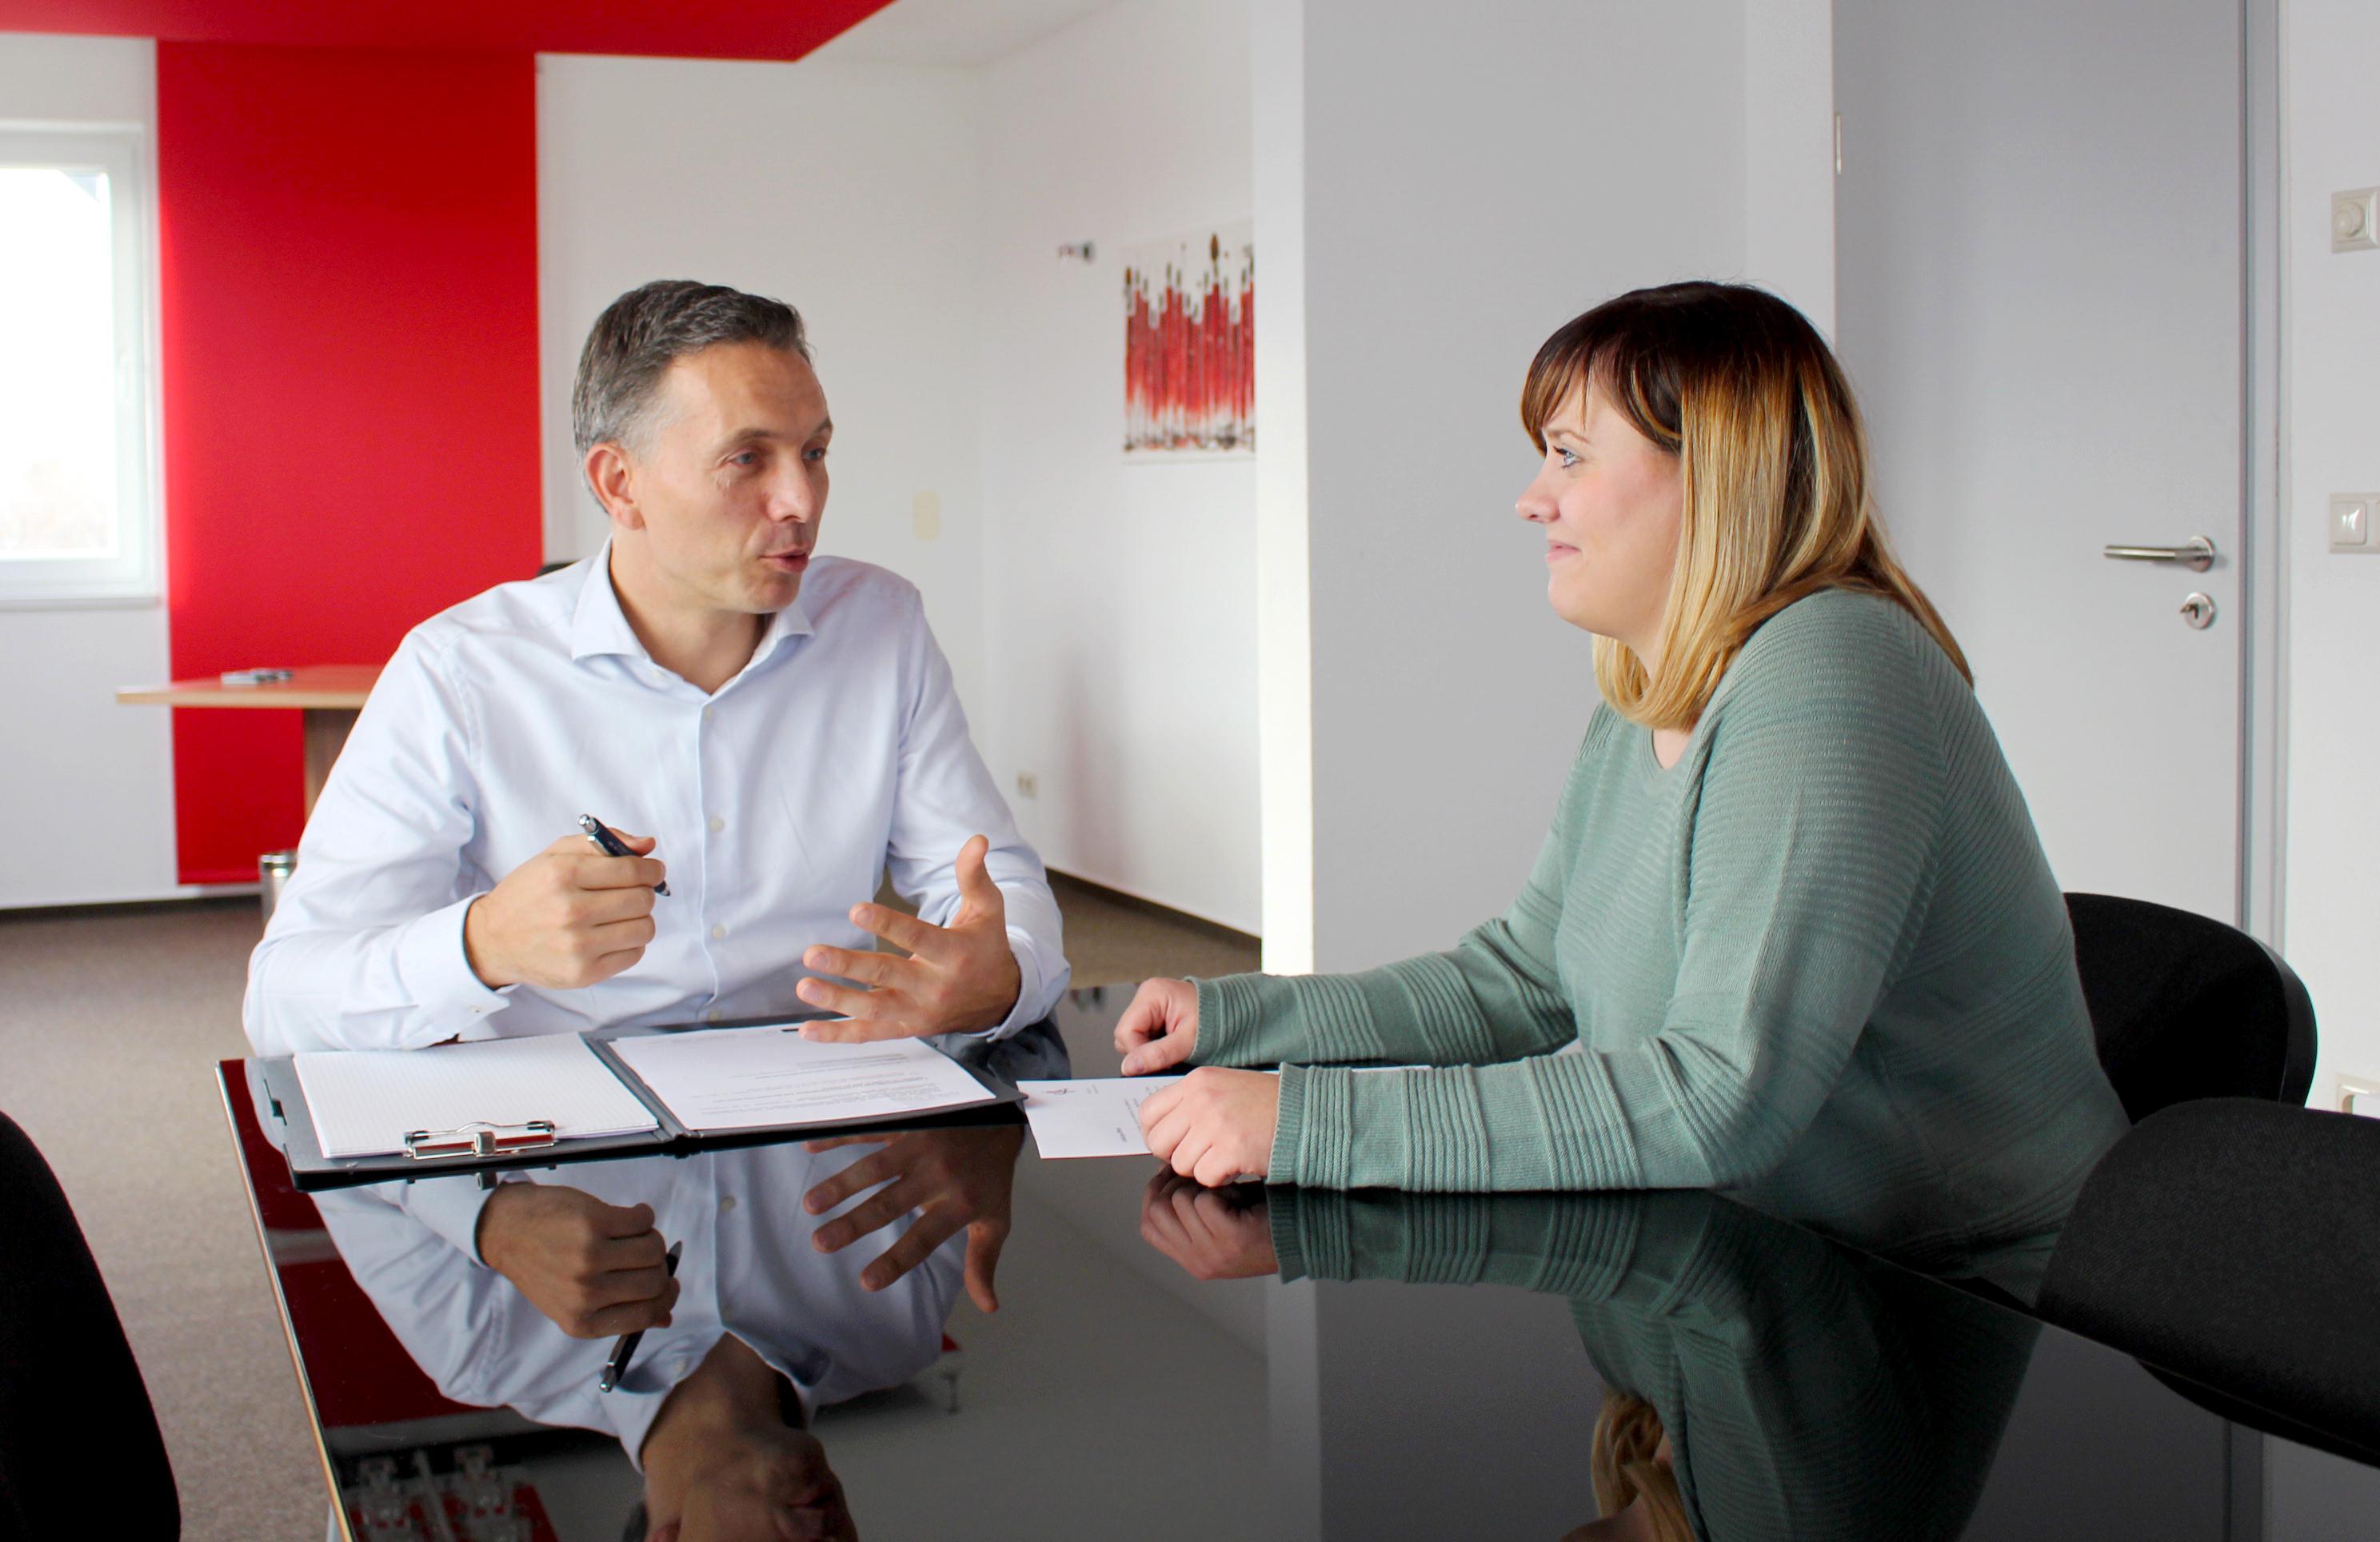 Ein Mann links und eine Frau rechts sitzen am Tisch und unterhalten sich.